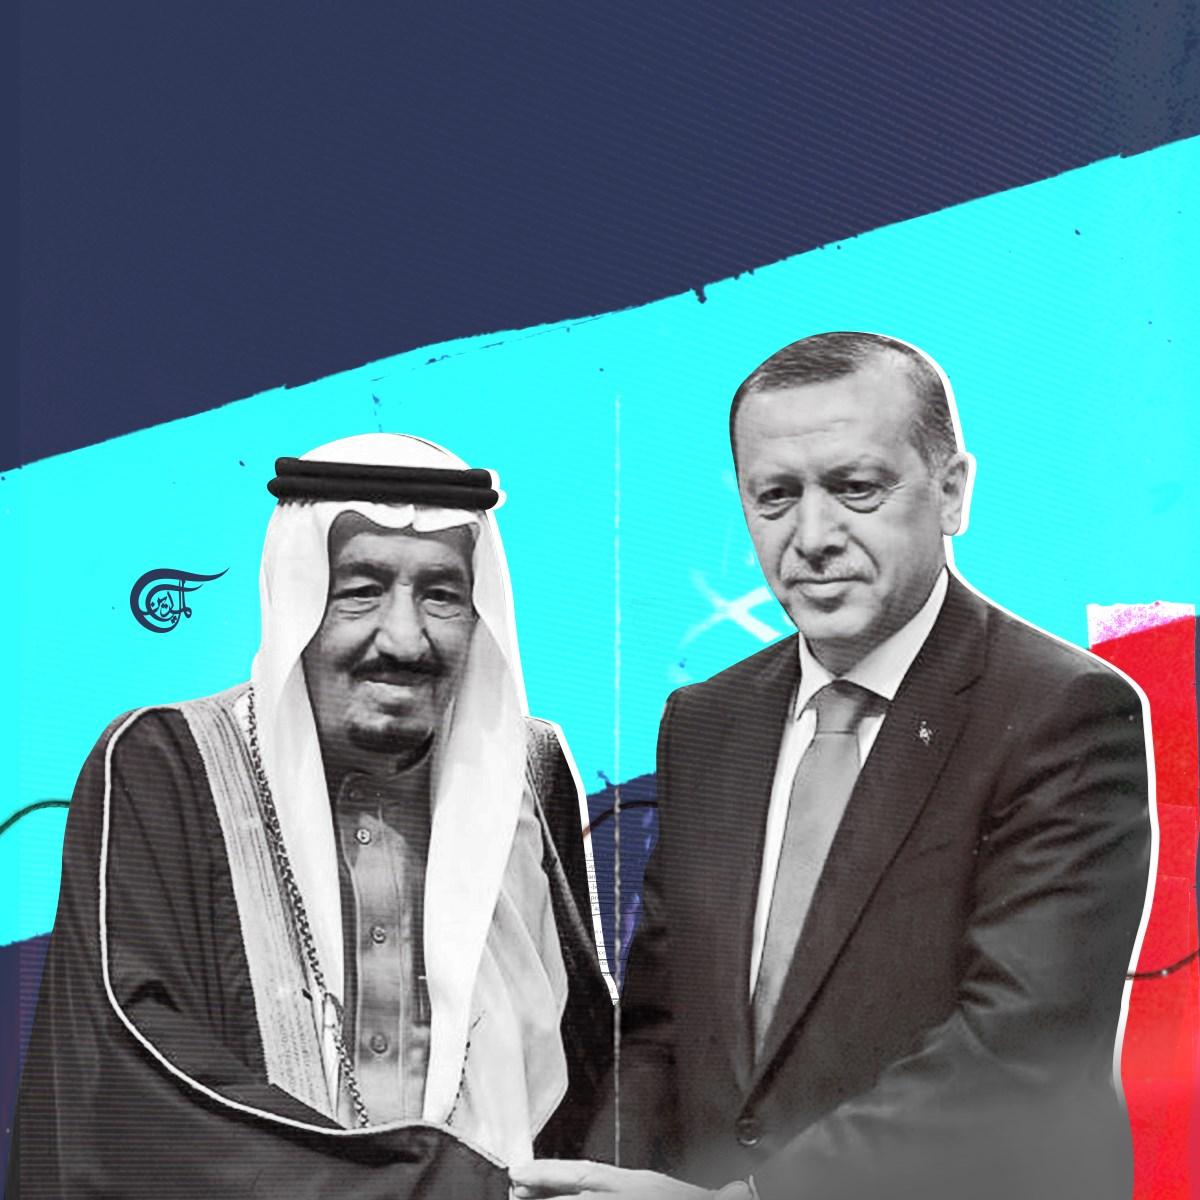 أعلنت الرئاسة التركية أن إردوغان وسلمان اتفقا على ضرورة أن تبقى قنوات الحوار مفتوحة لتطوير العلاقات بين البلدين